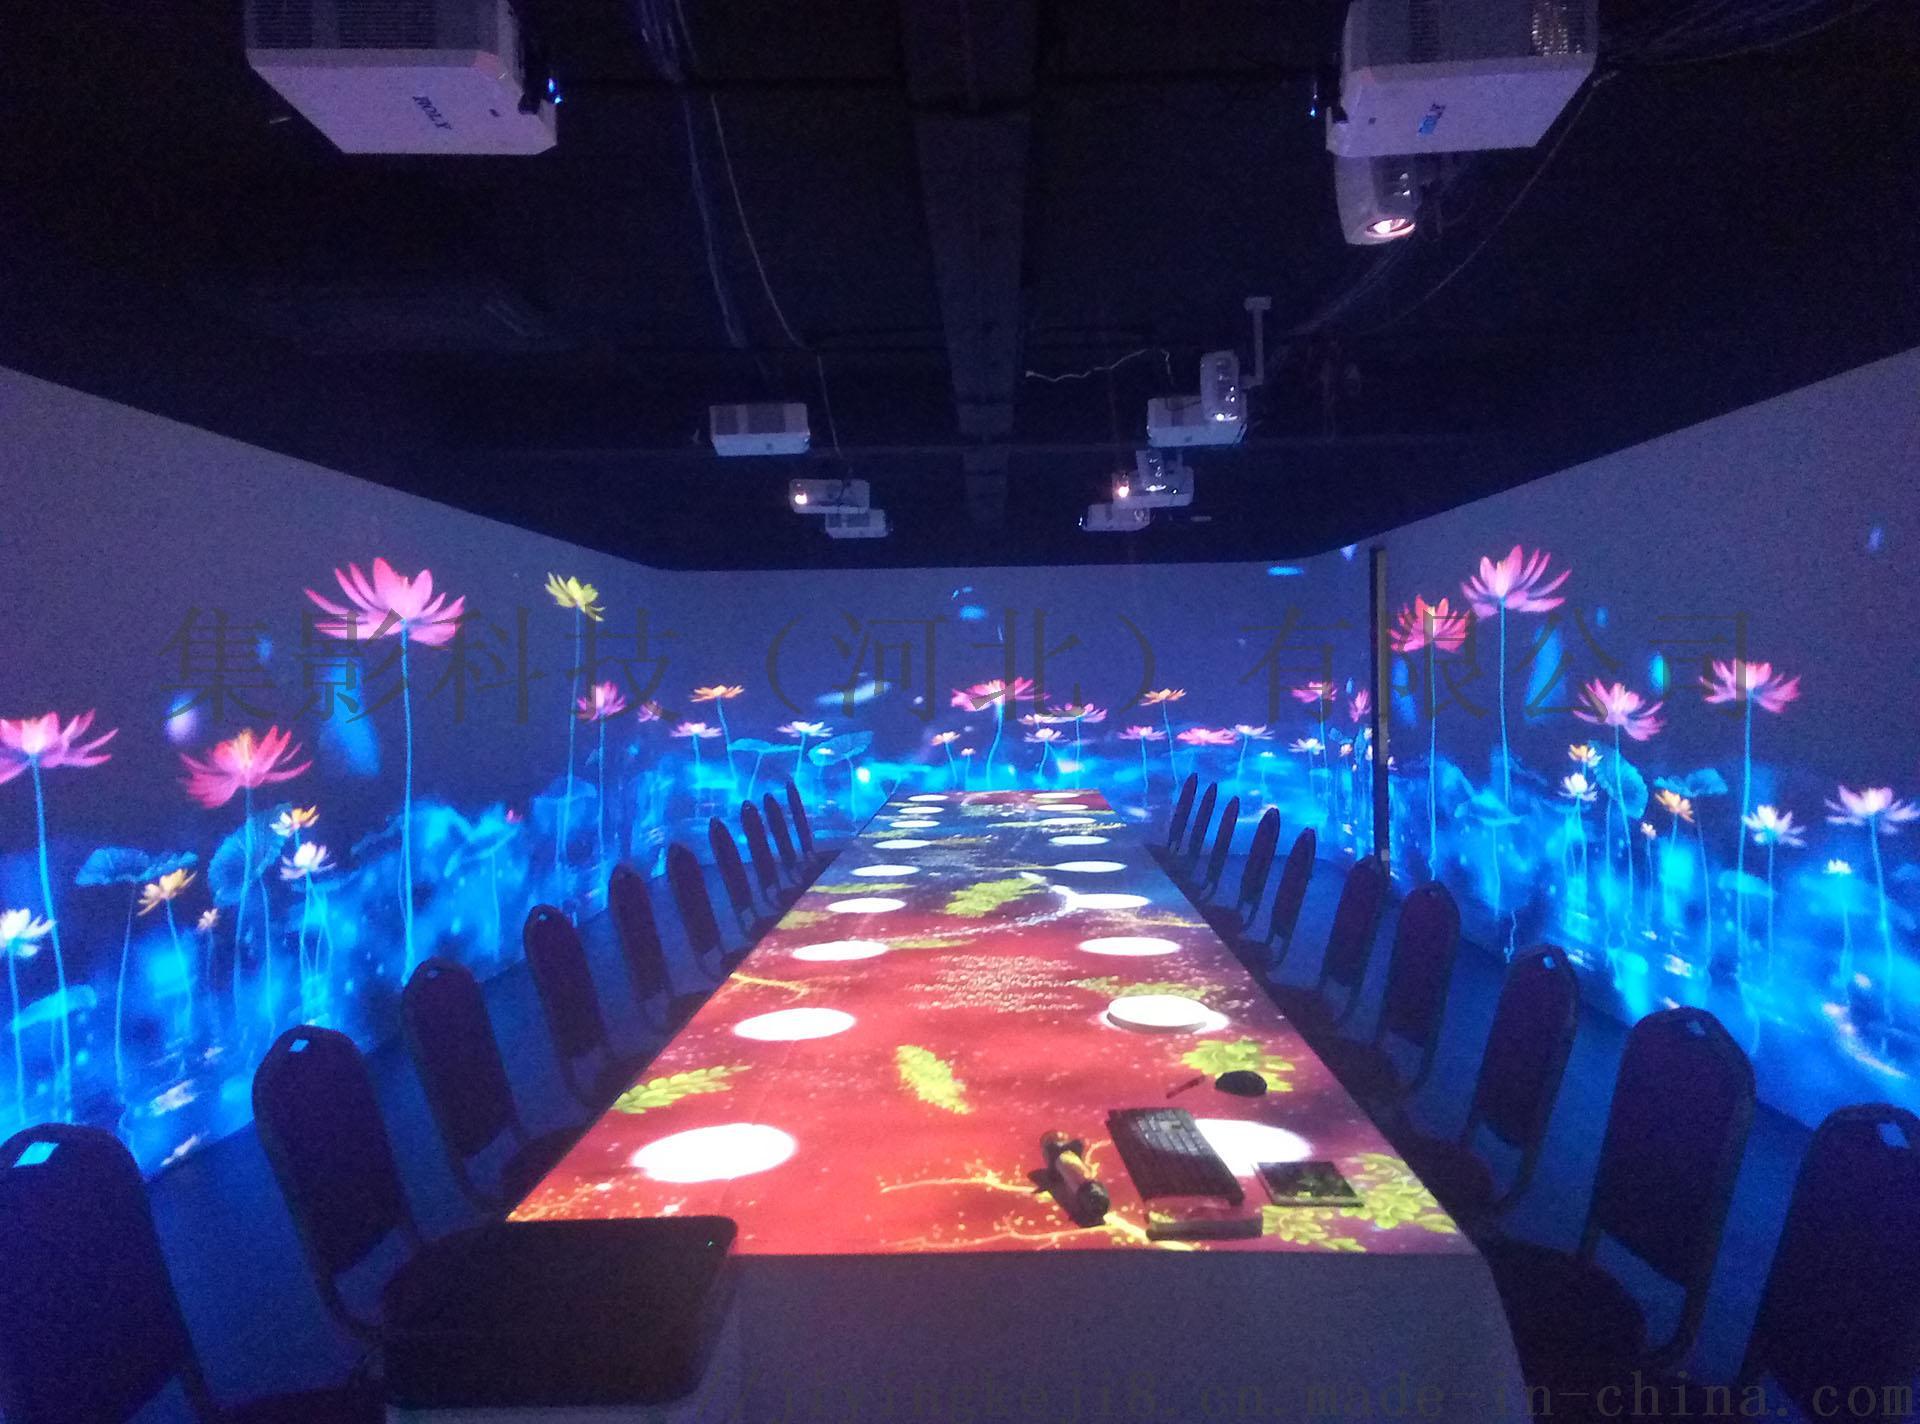 沉浸式餐厅2.jpg